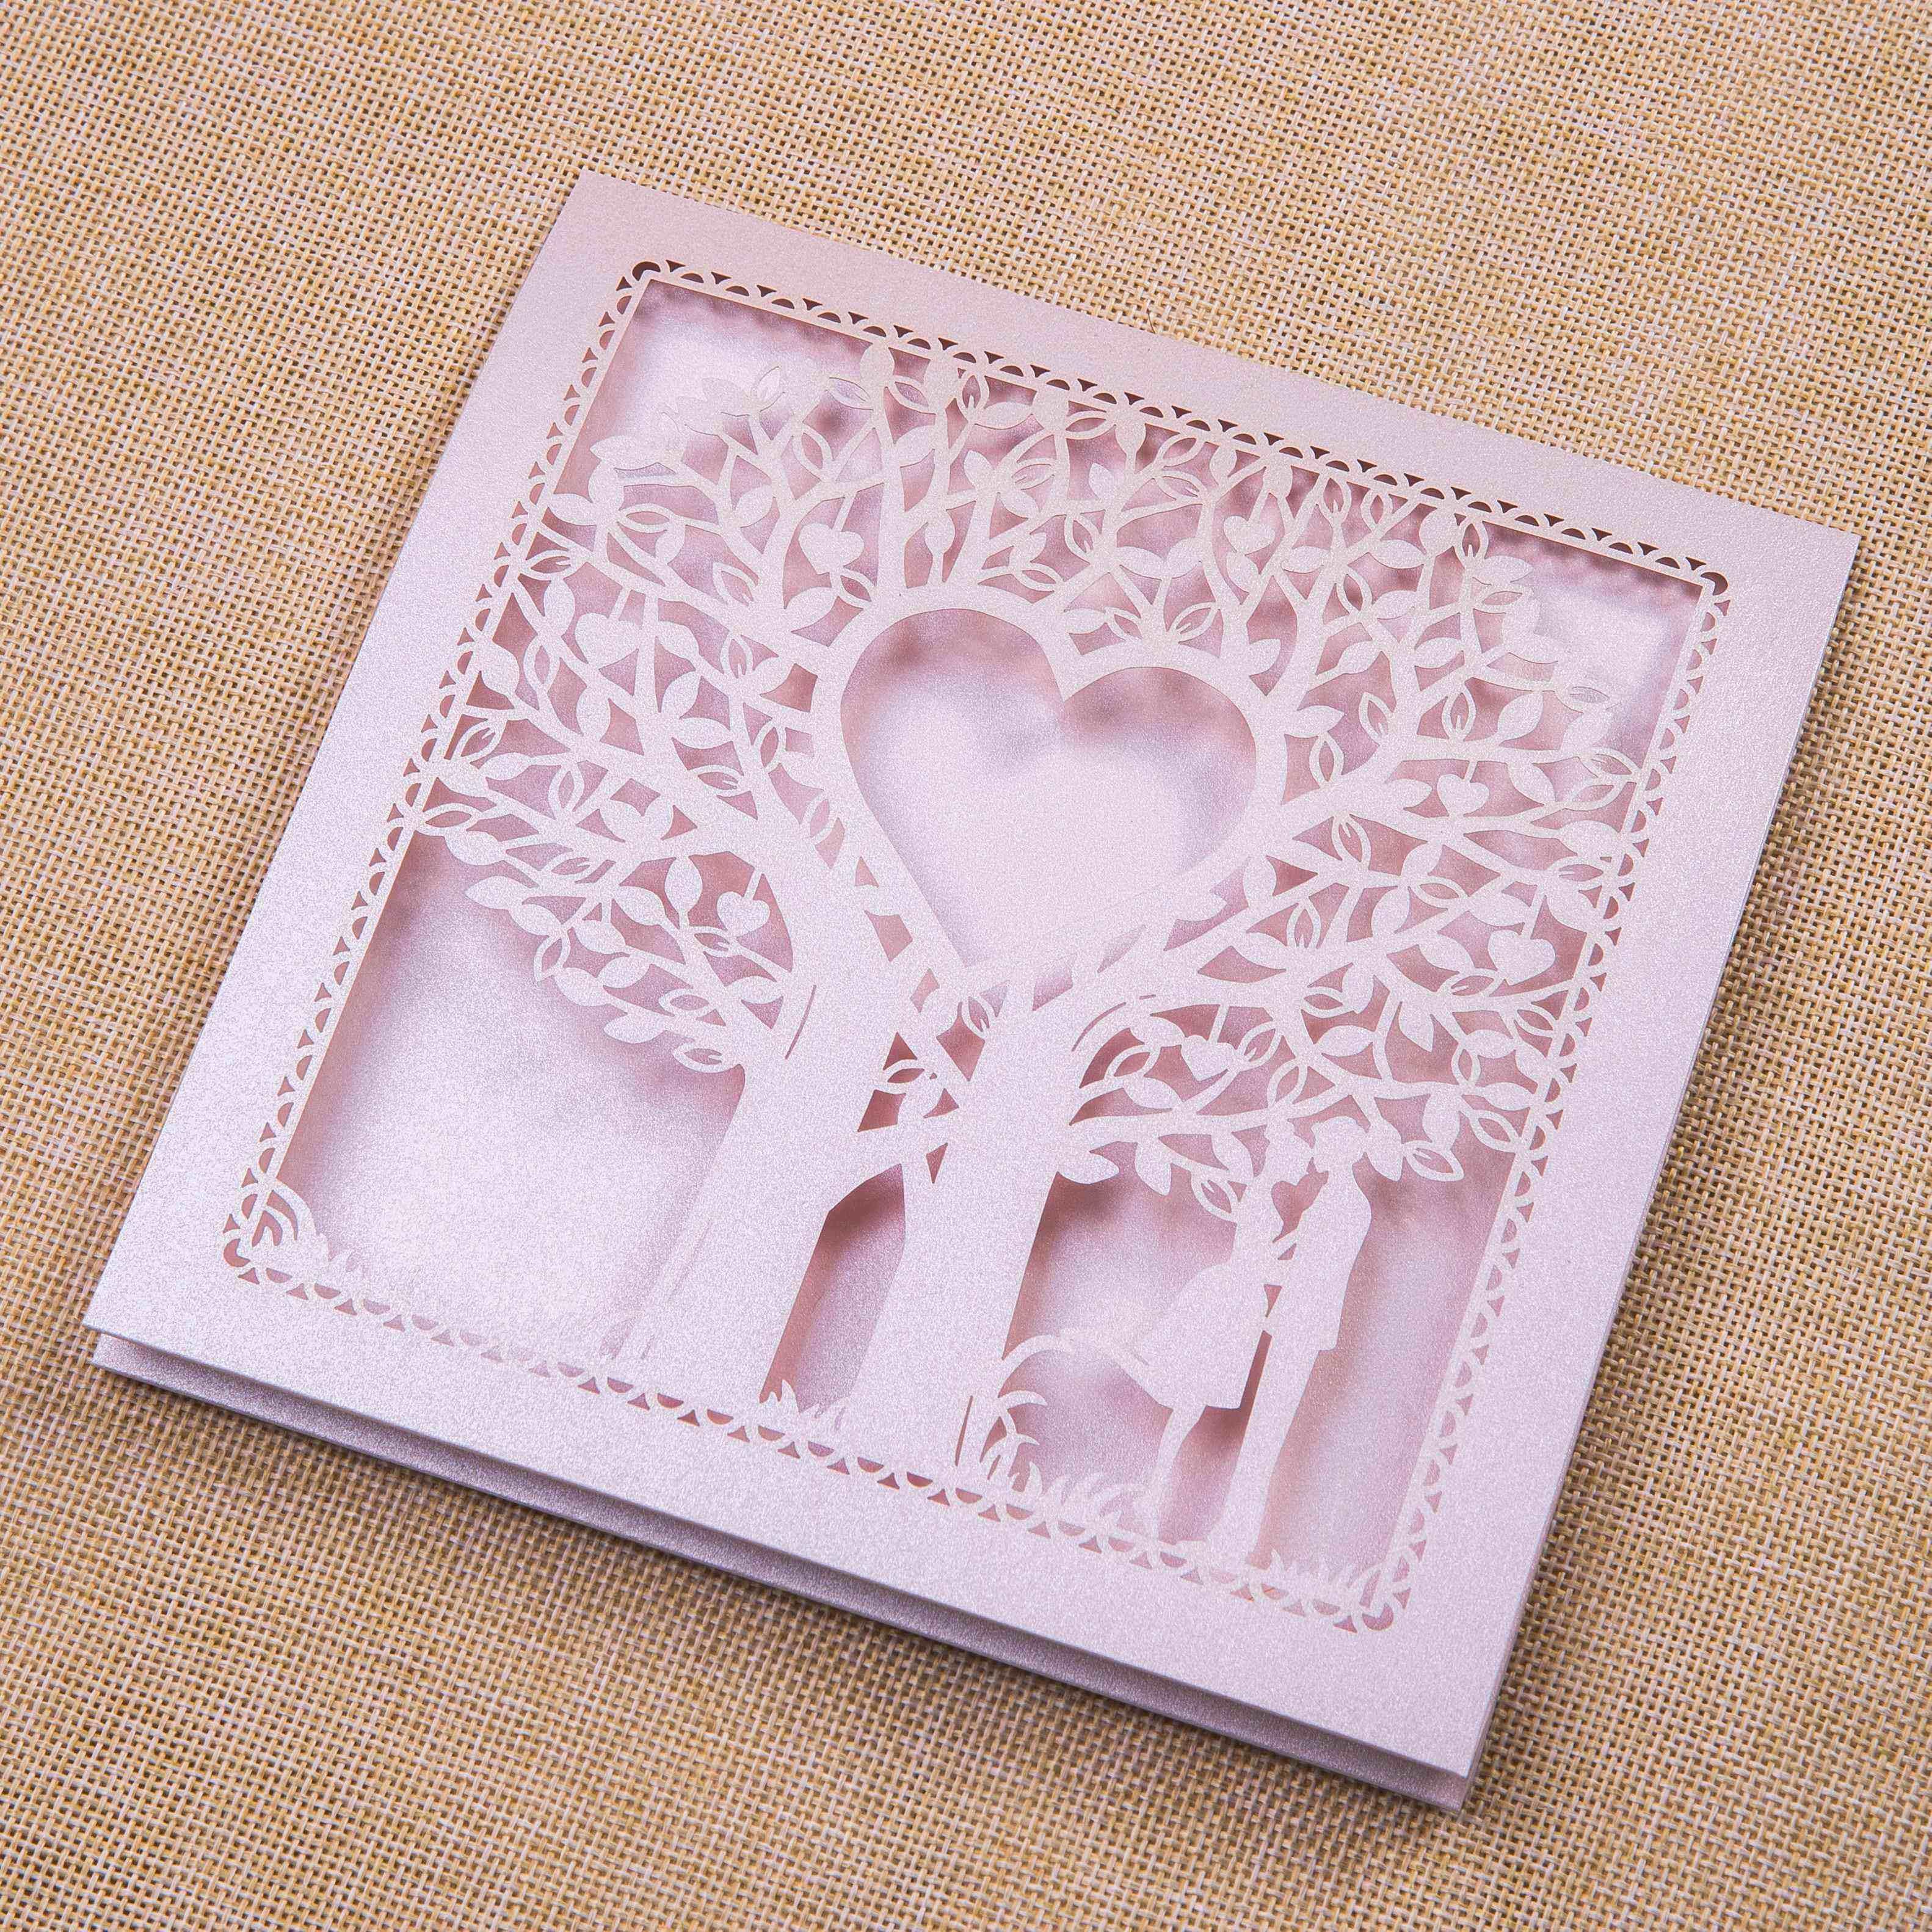 Diseño de Árbo corazón Tarjetas de la Boda WZL0014 [WZL0014] - $1.00 ...